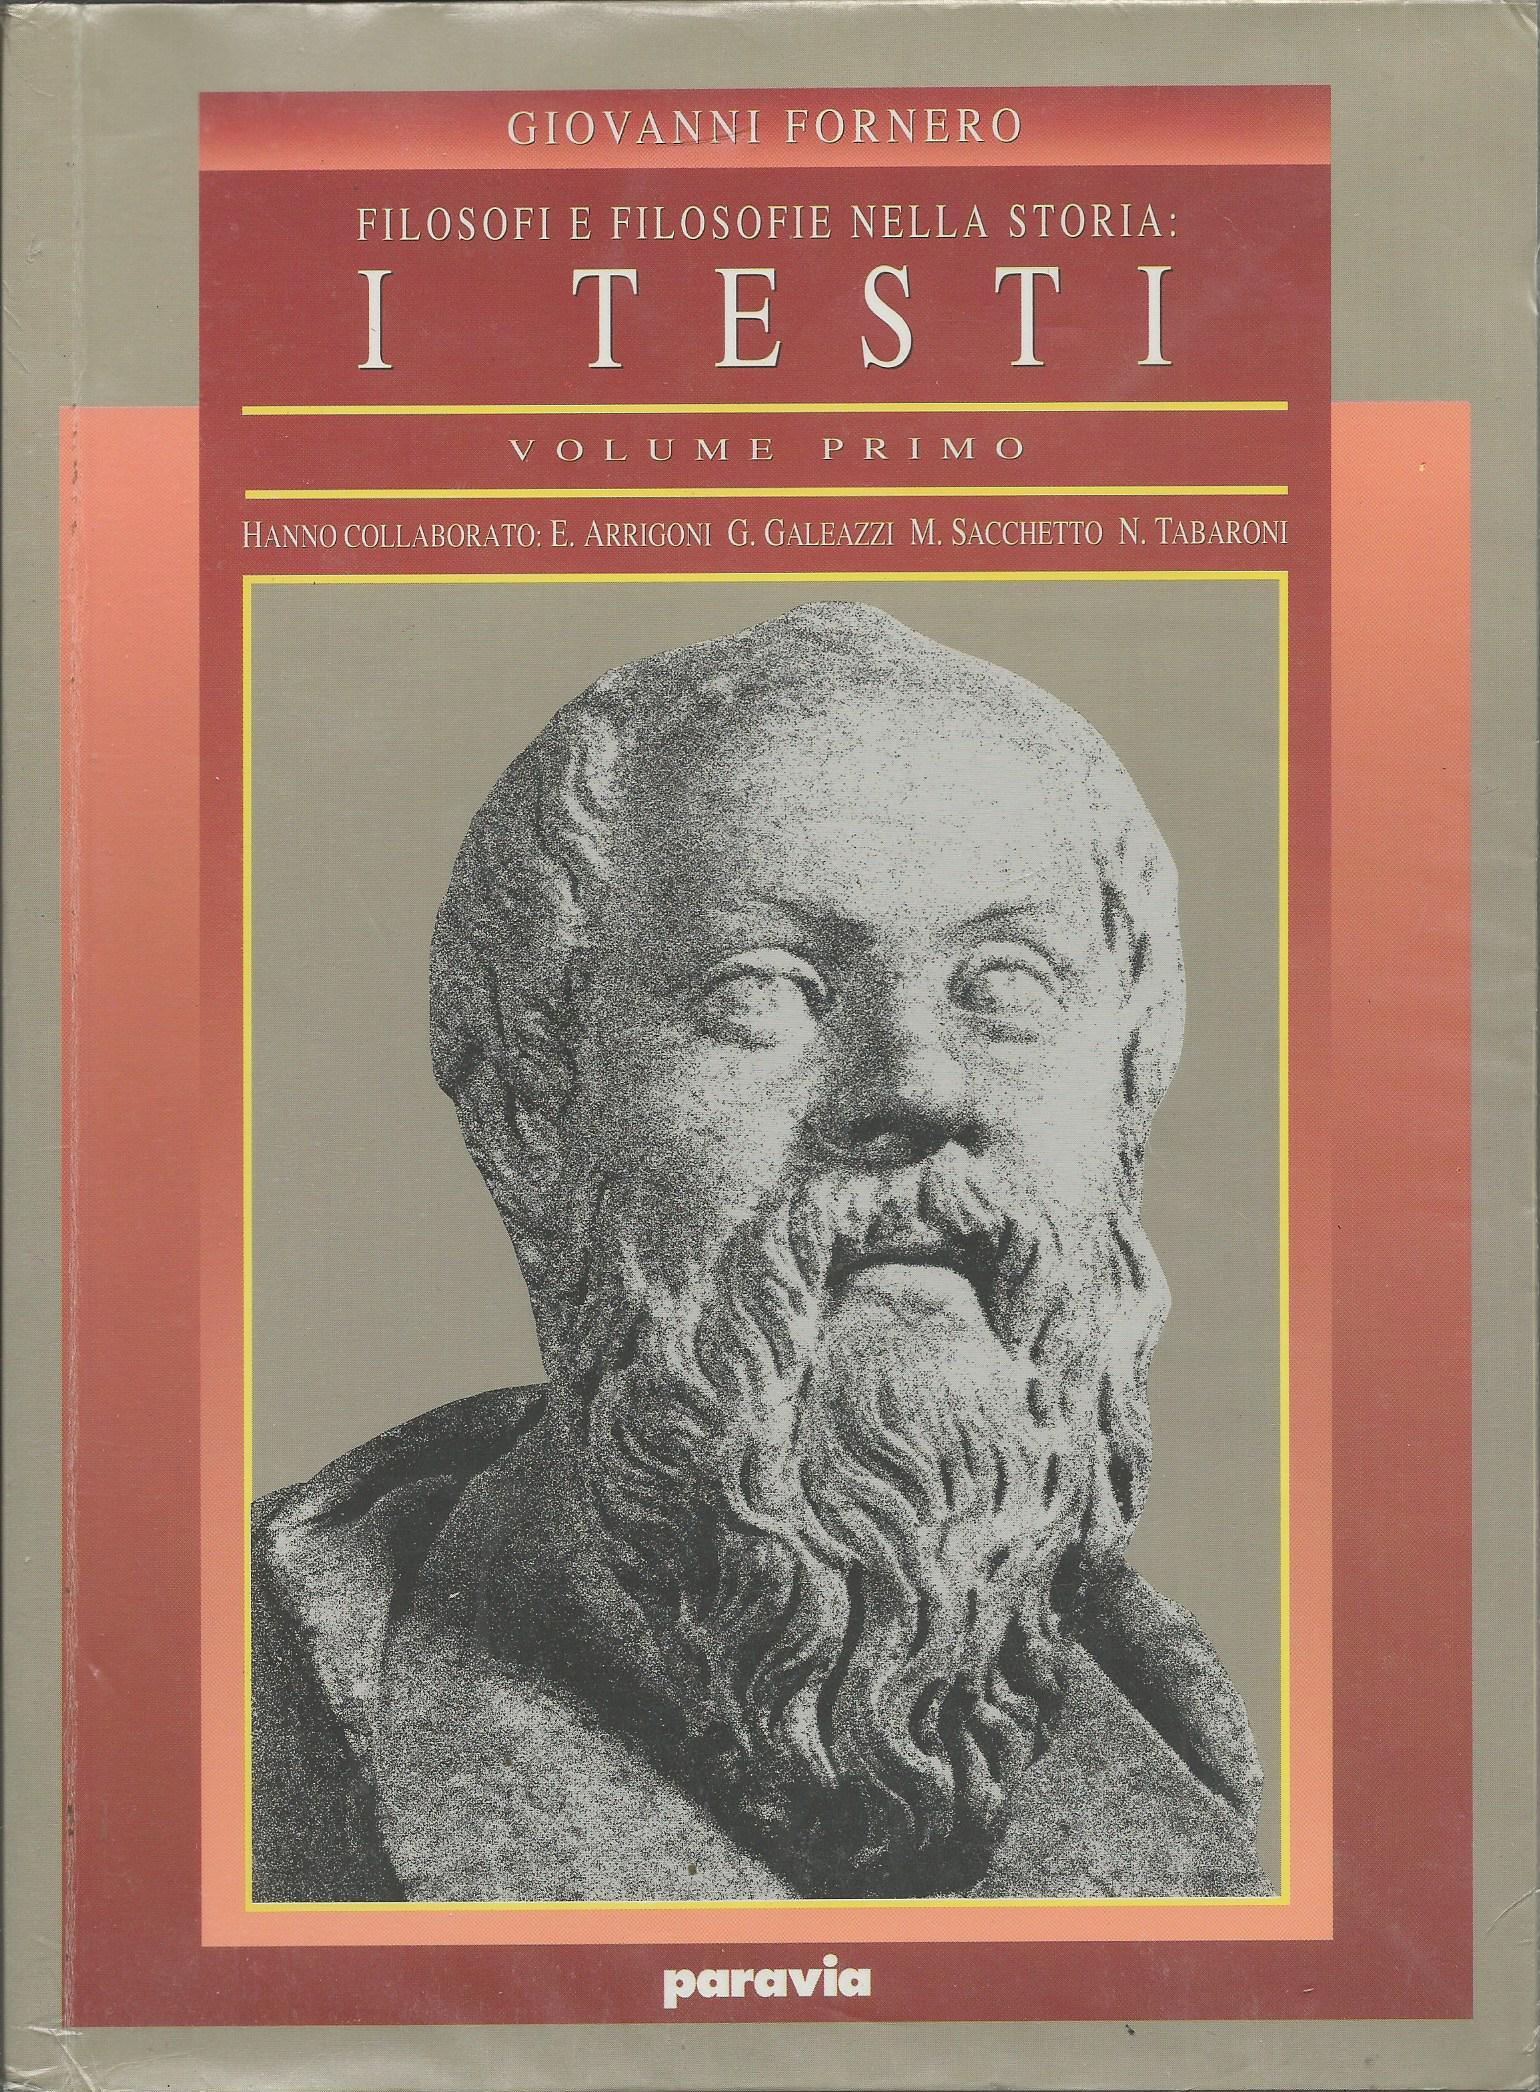 Filosofi e filosofie nella storia. I testi vol.1